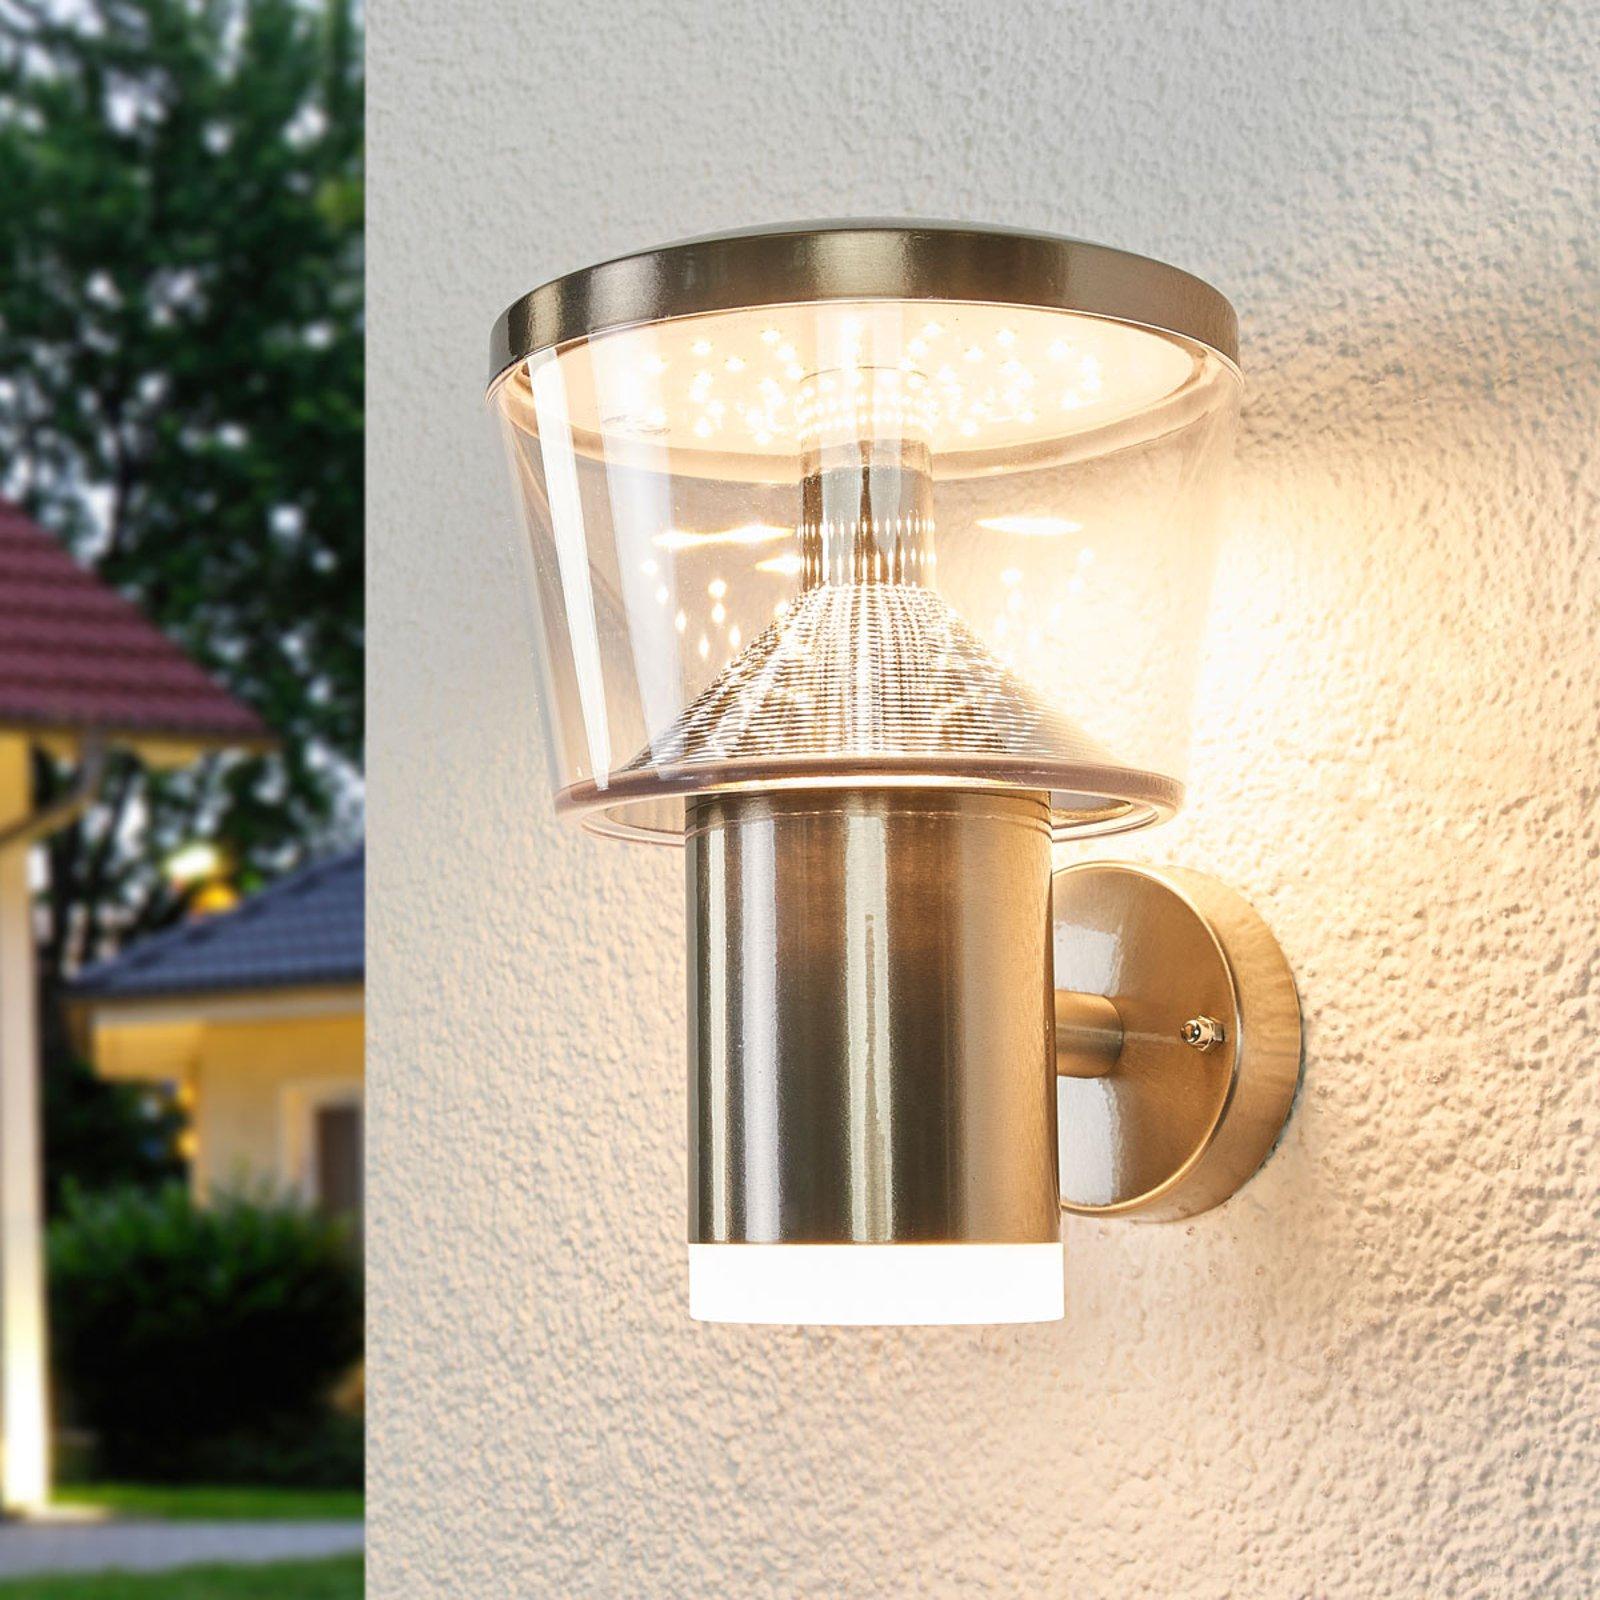 LED-utevegglampe Antje i rustfritt stål